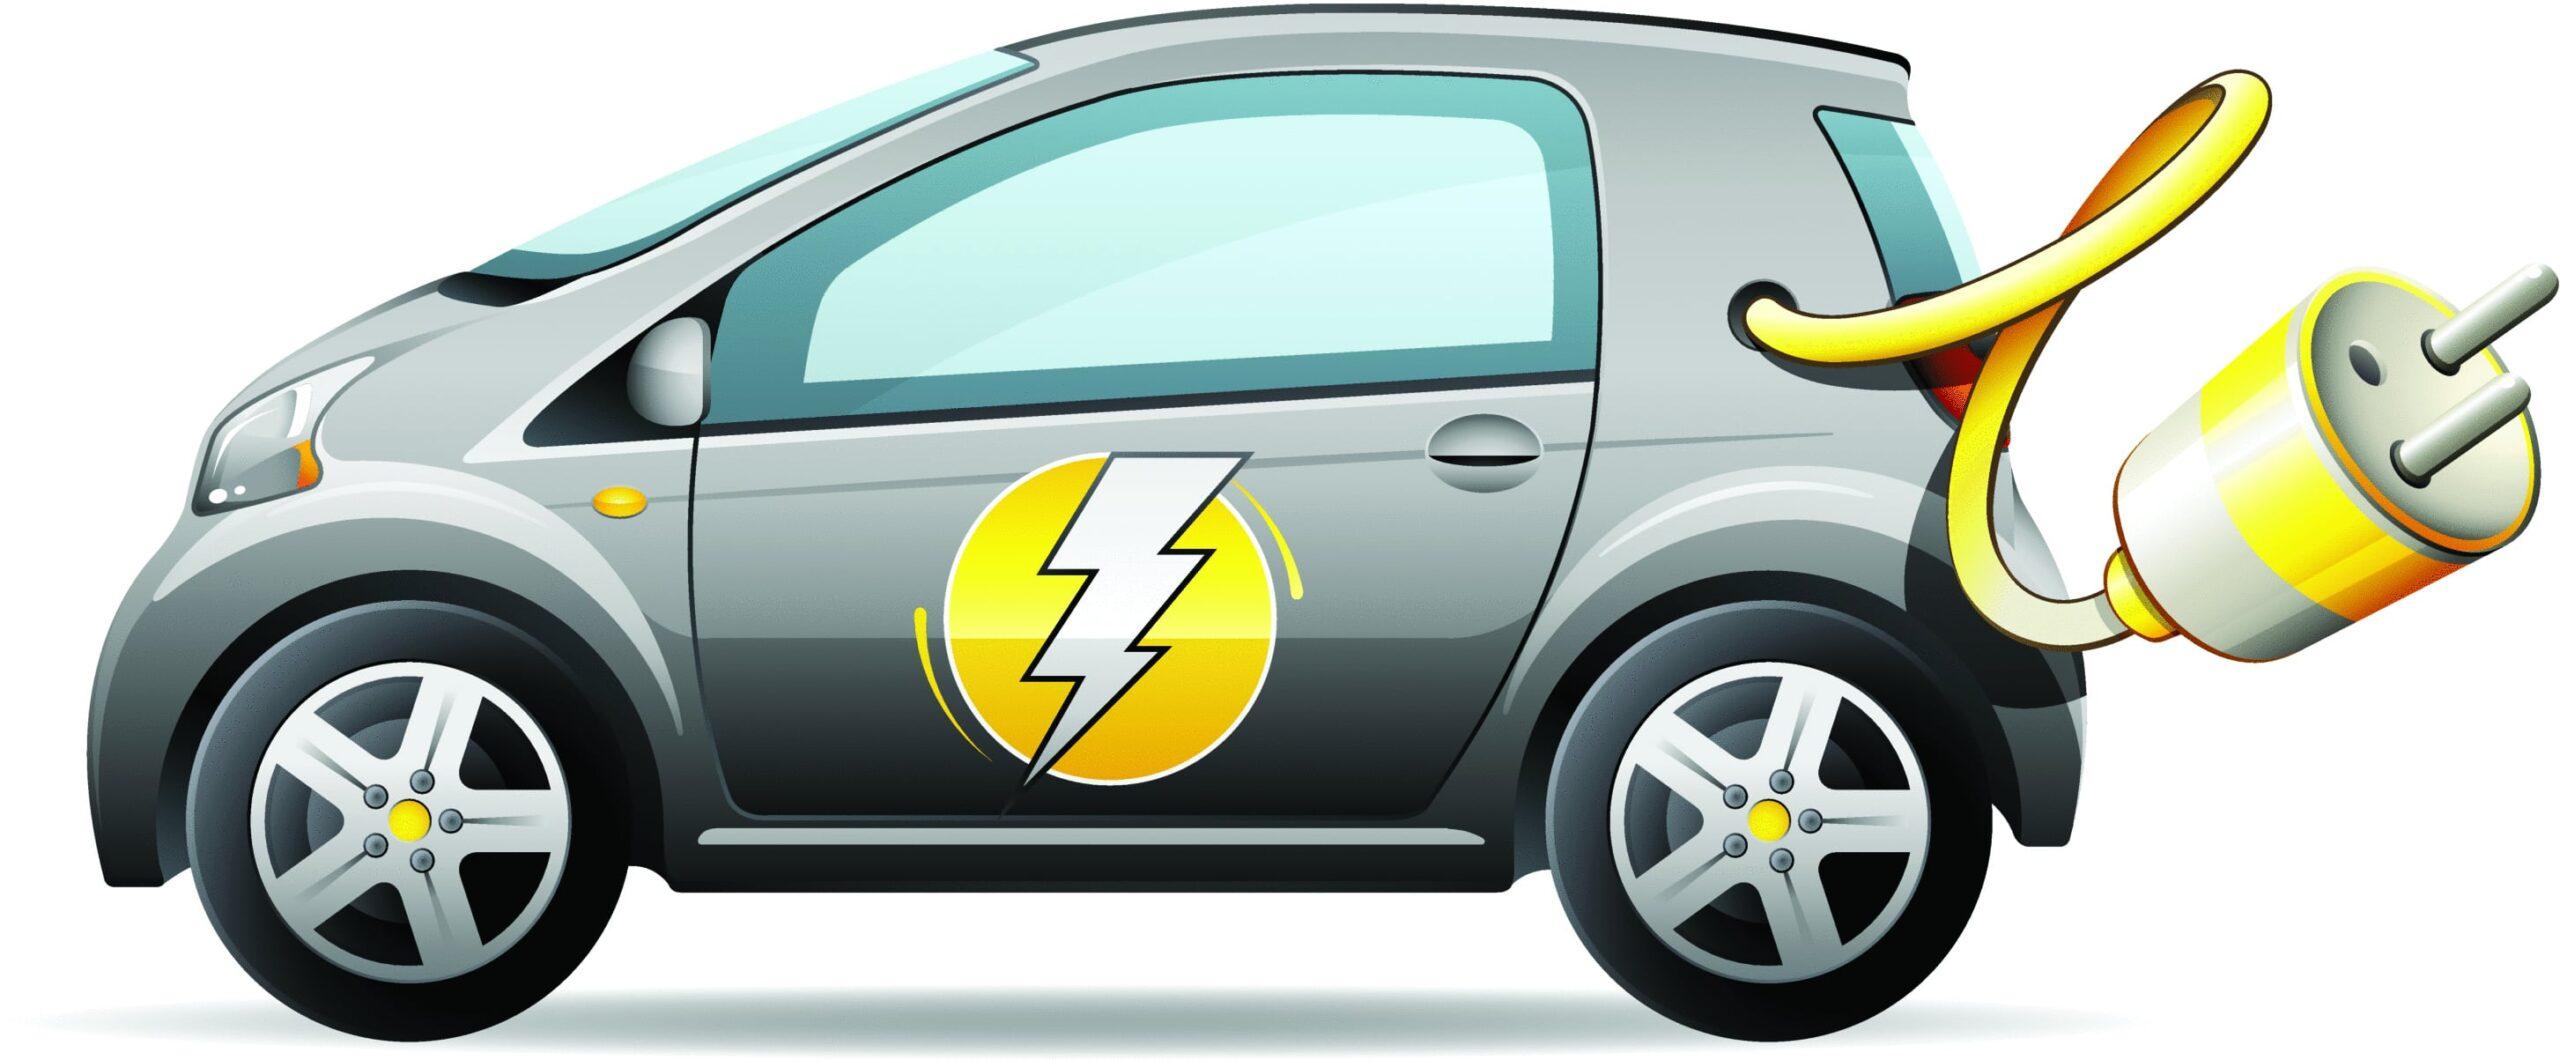 1 de cada 6 coches será eléctrico en 2025.